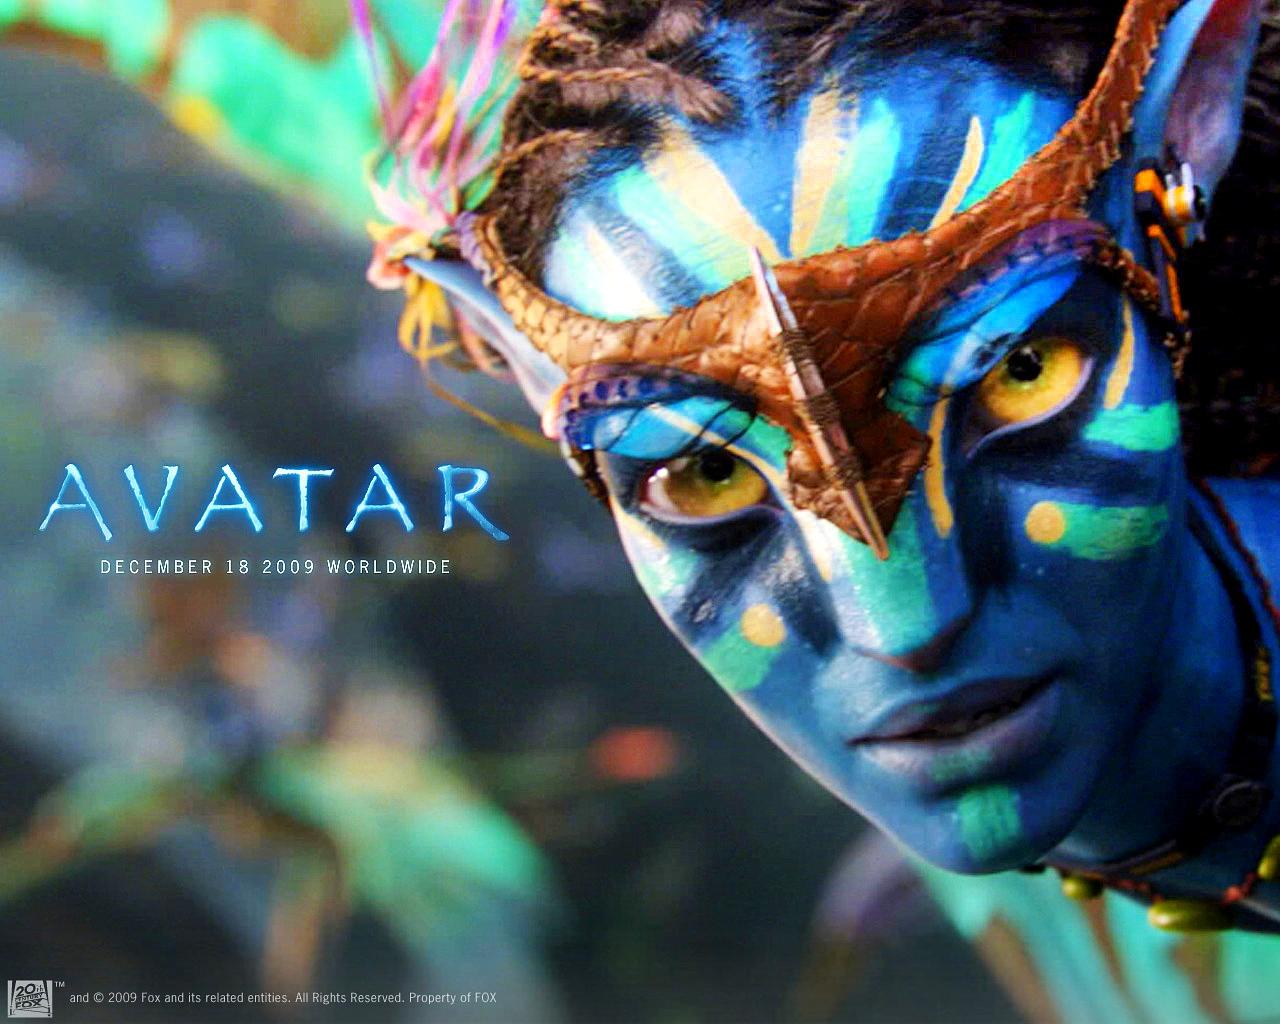 avatar wallpaper HD bonjoviarchives 1280x1024